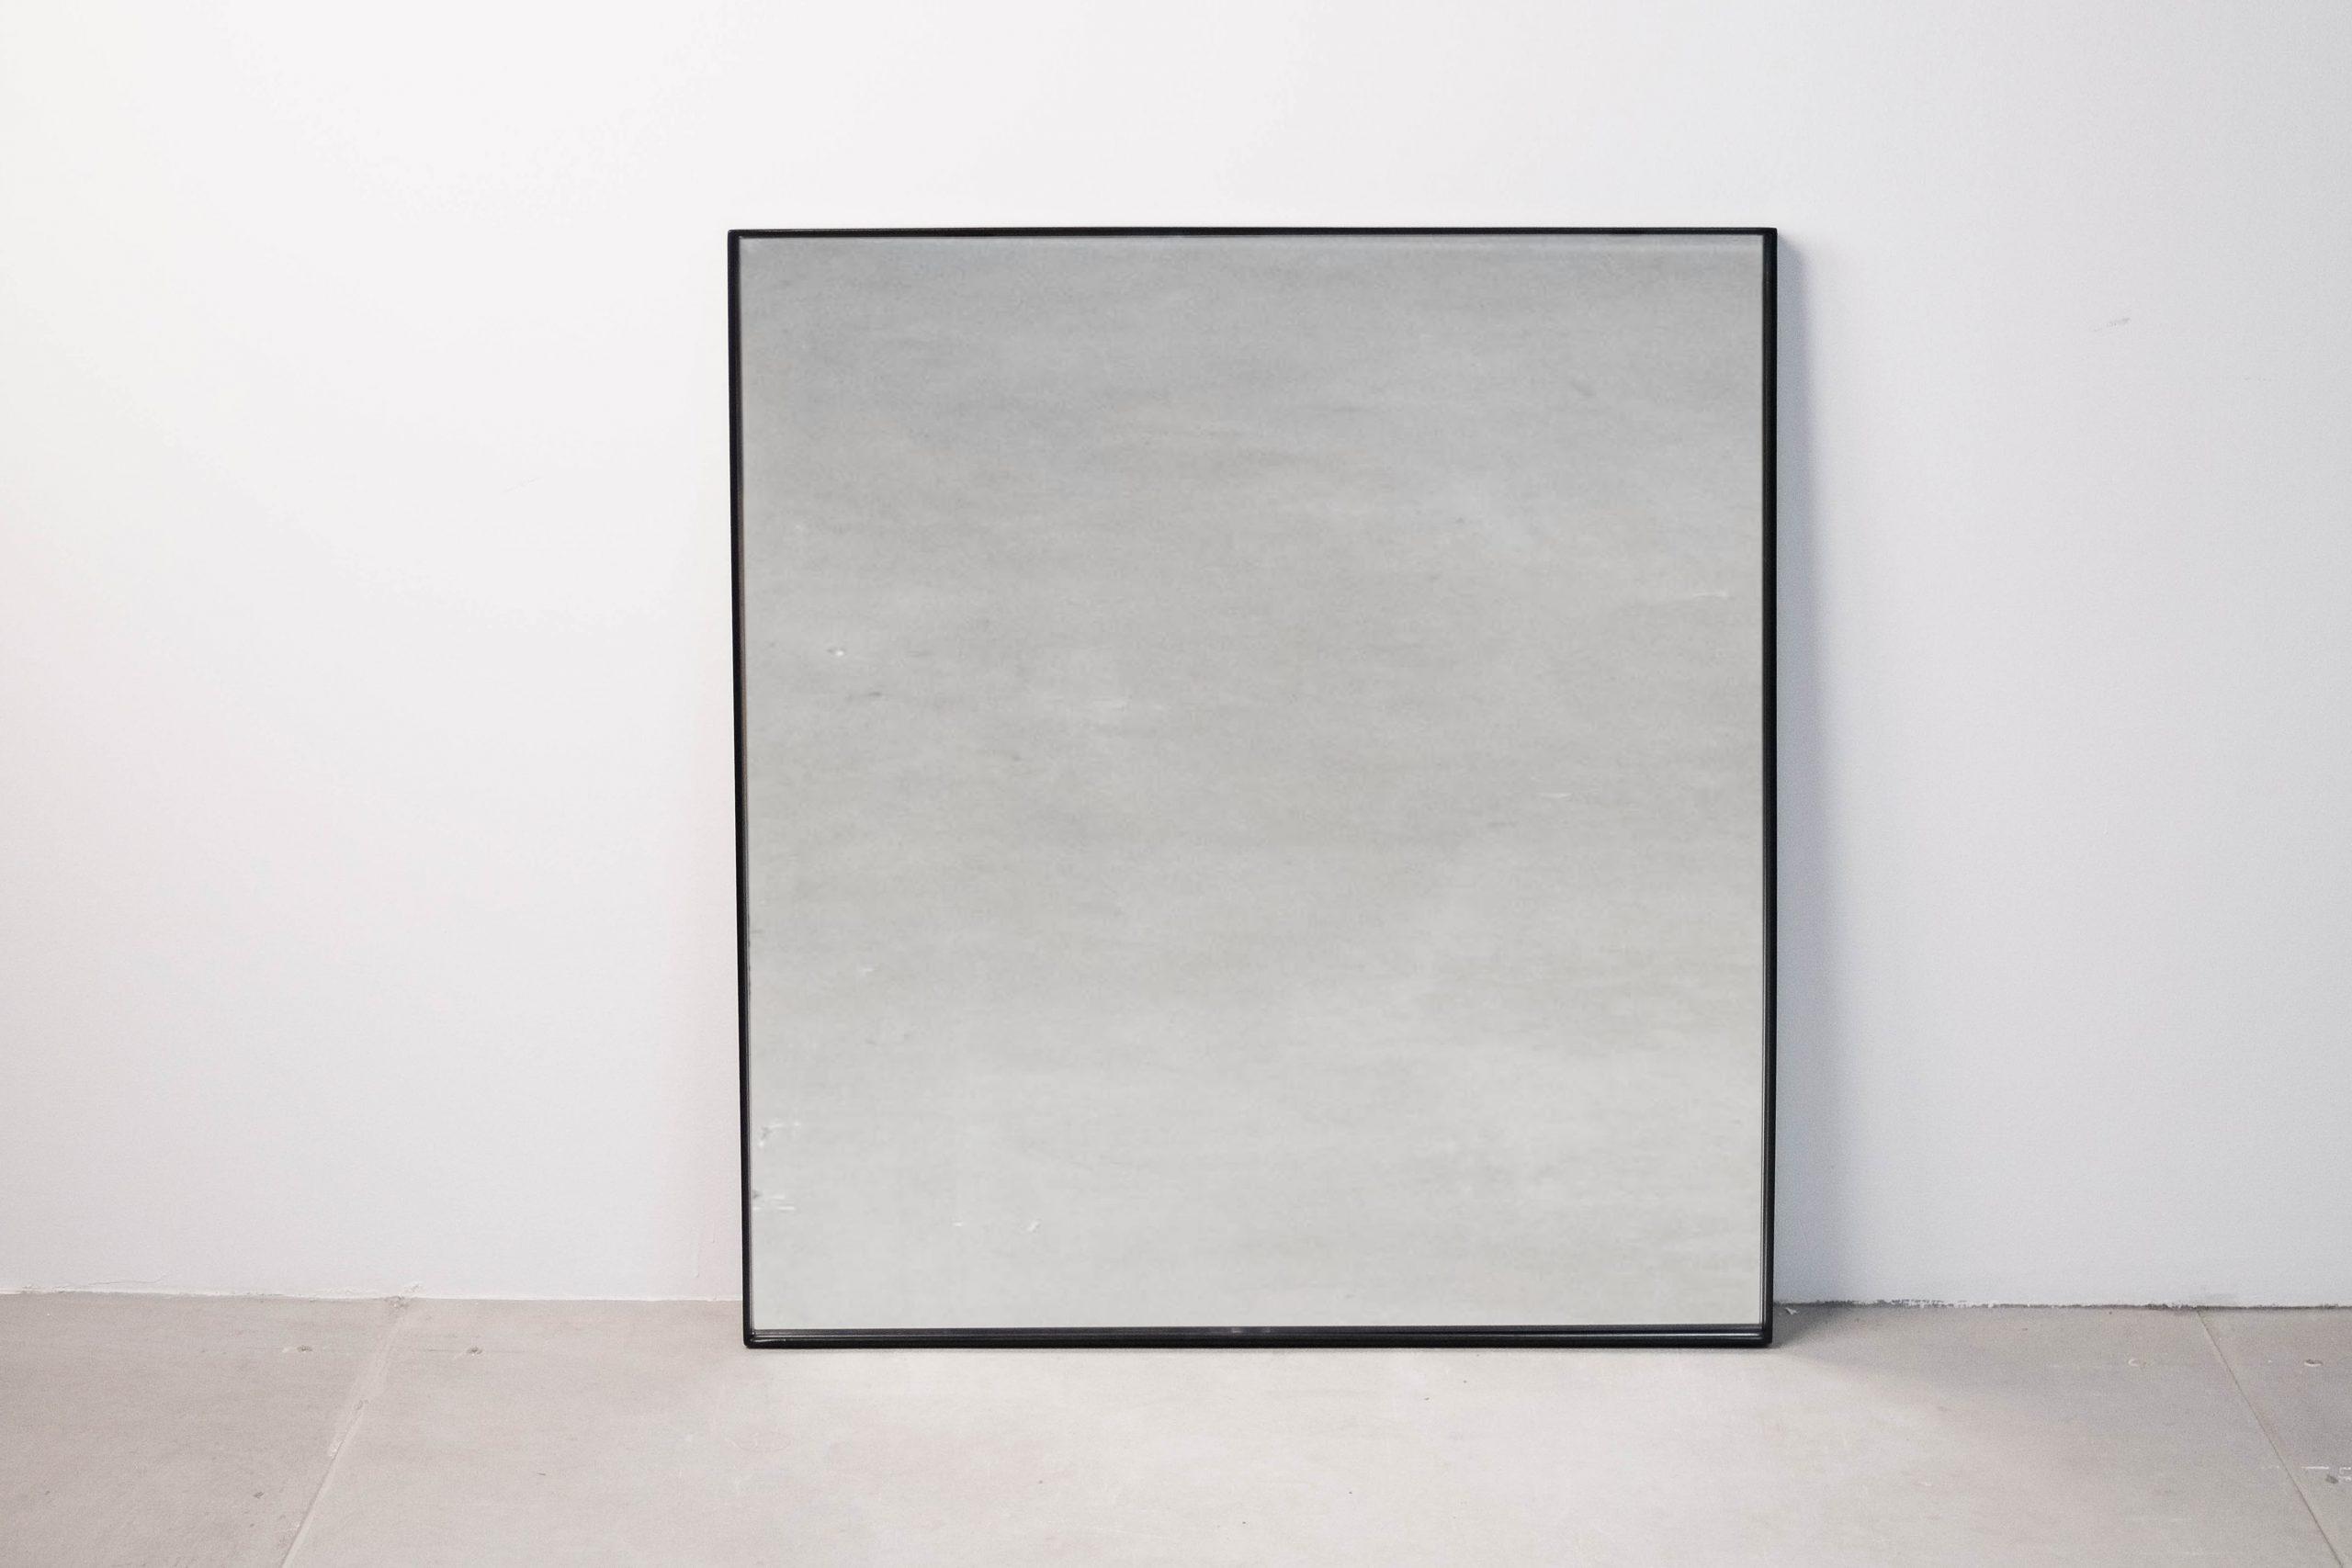 espejo cuadrado pepita negro metal